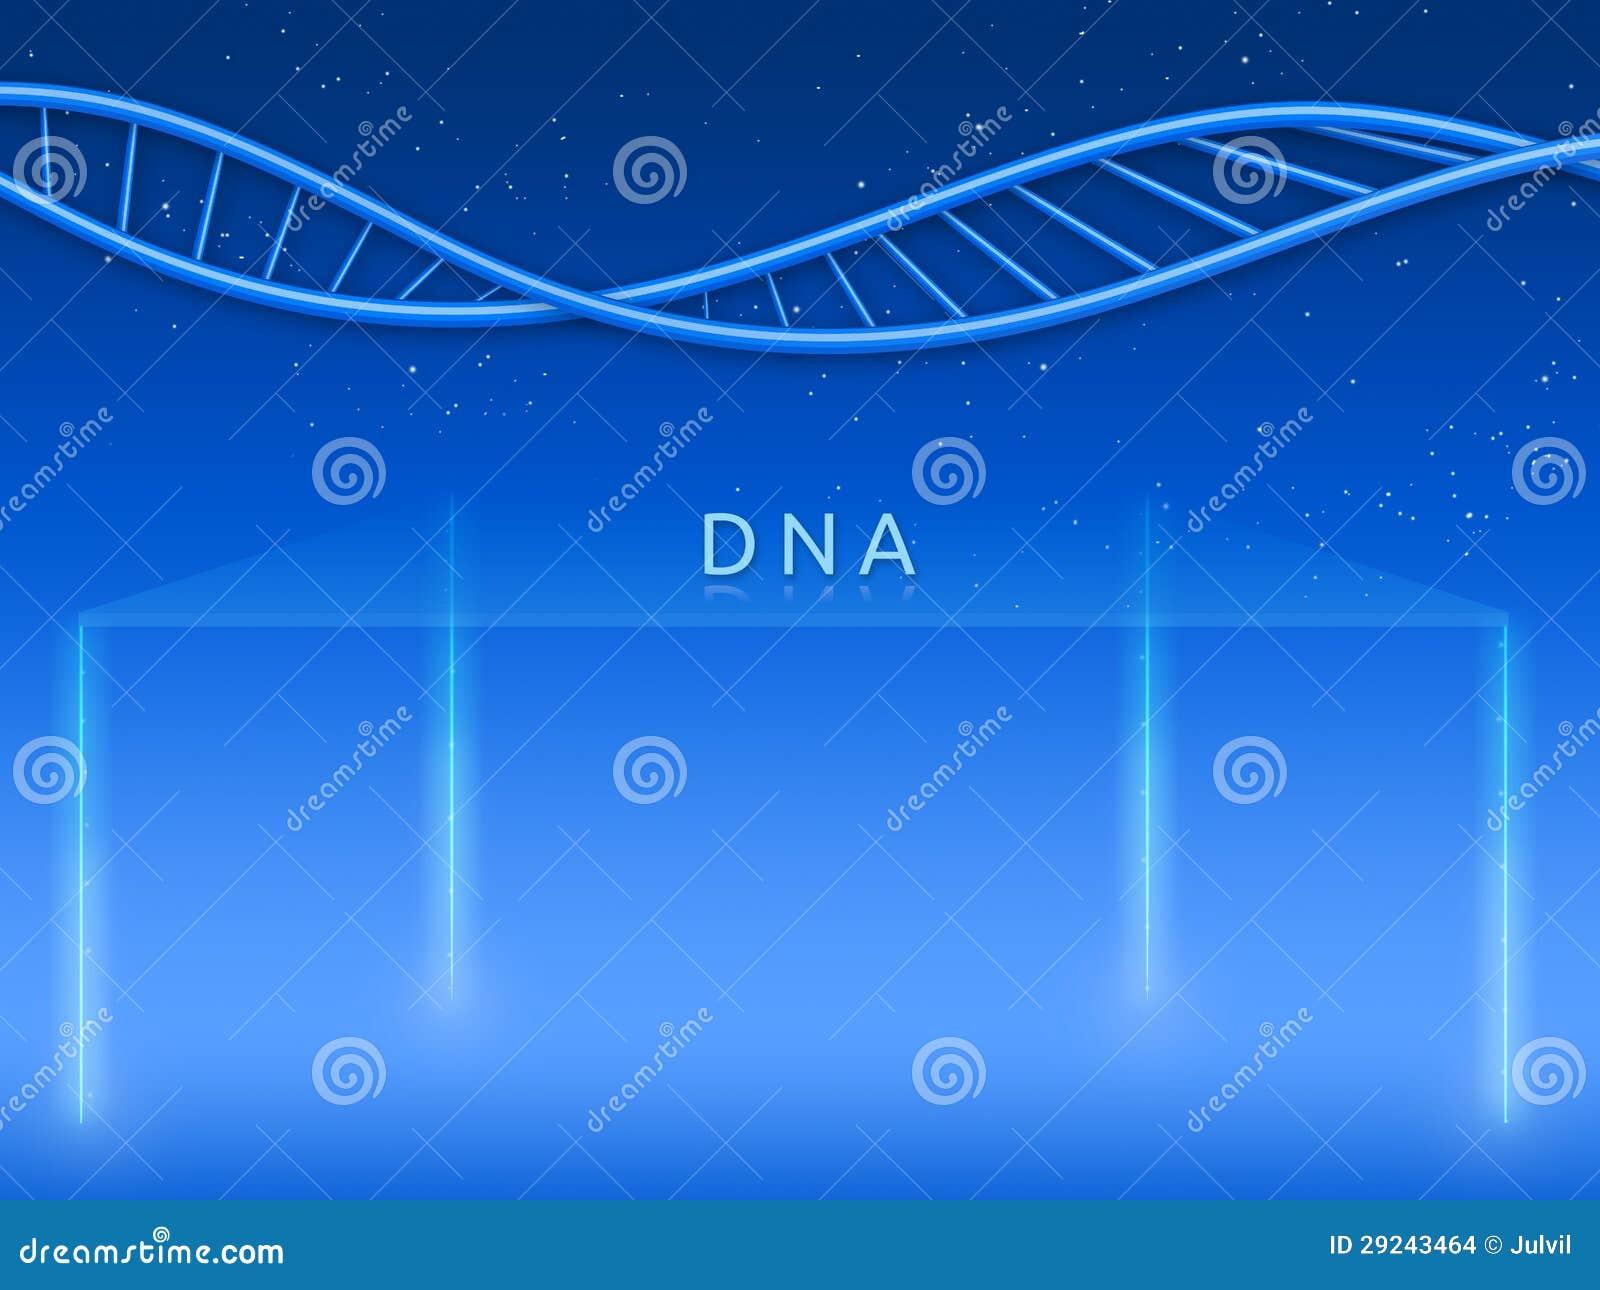 Download Fase de vidro com ADN ilustração stock. Ilustração de cosmos - 29243464